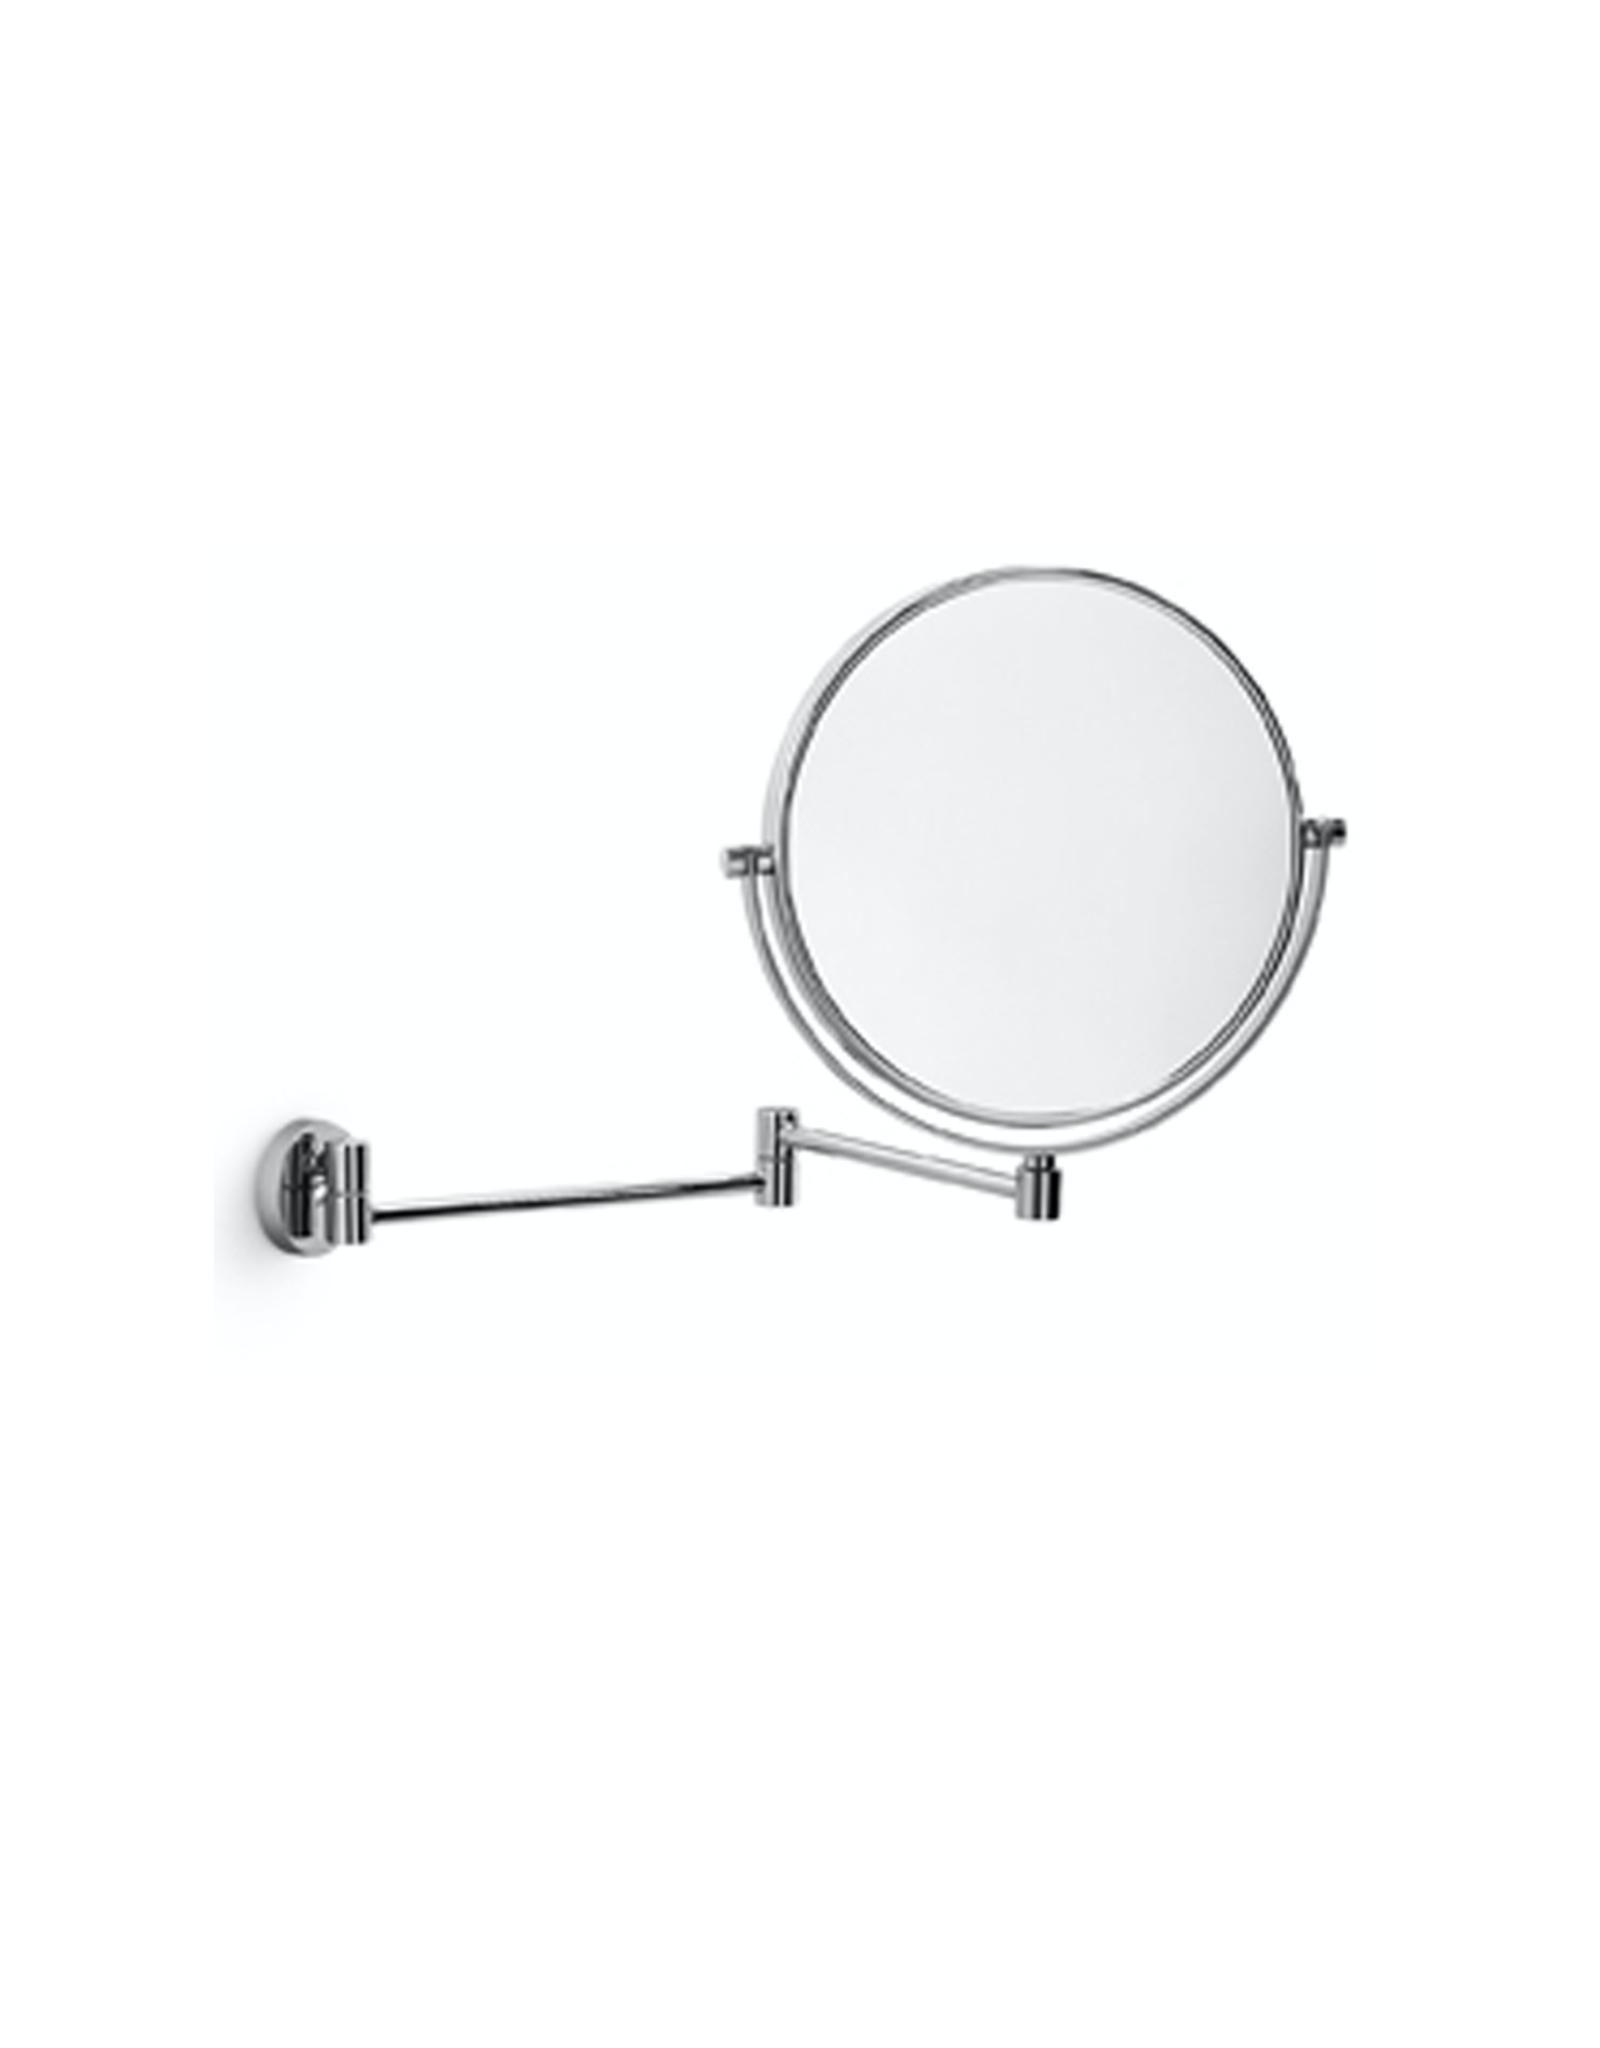 Mevedo miroir grossissant (3x) avec bras mural flexible - vente